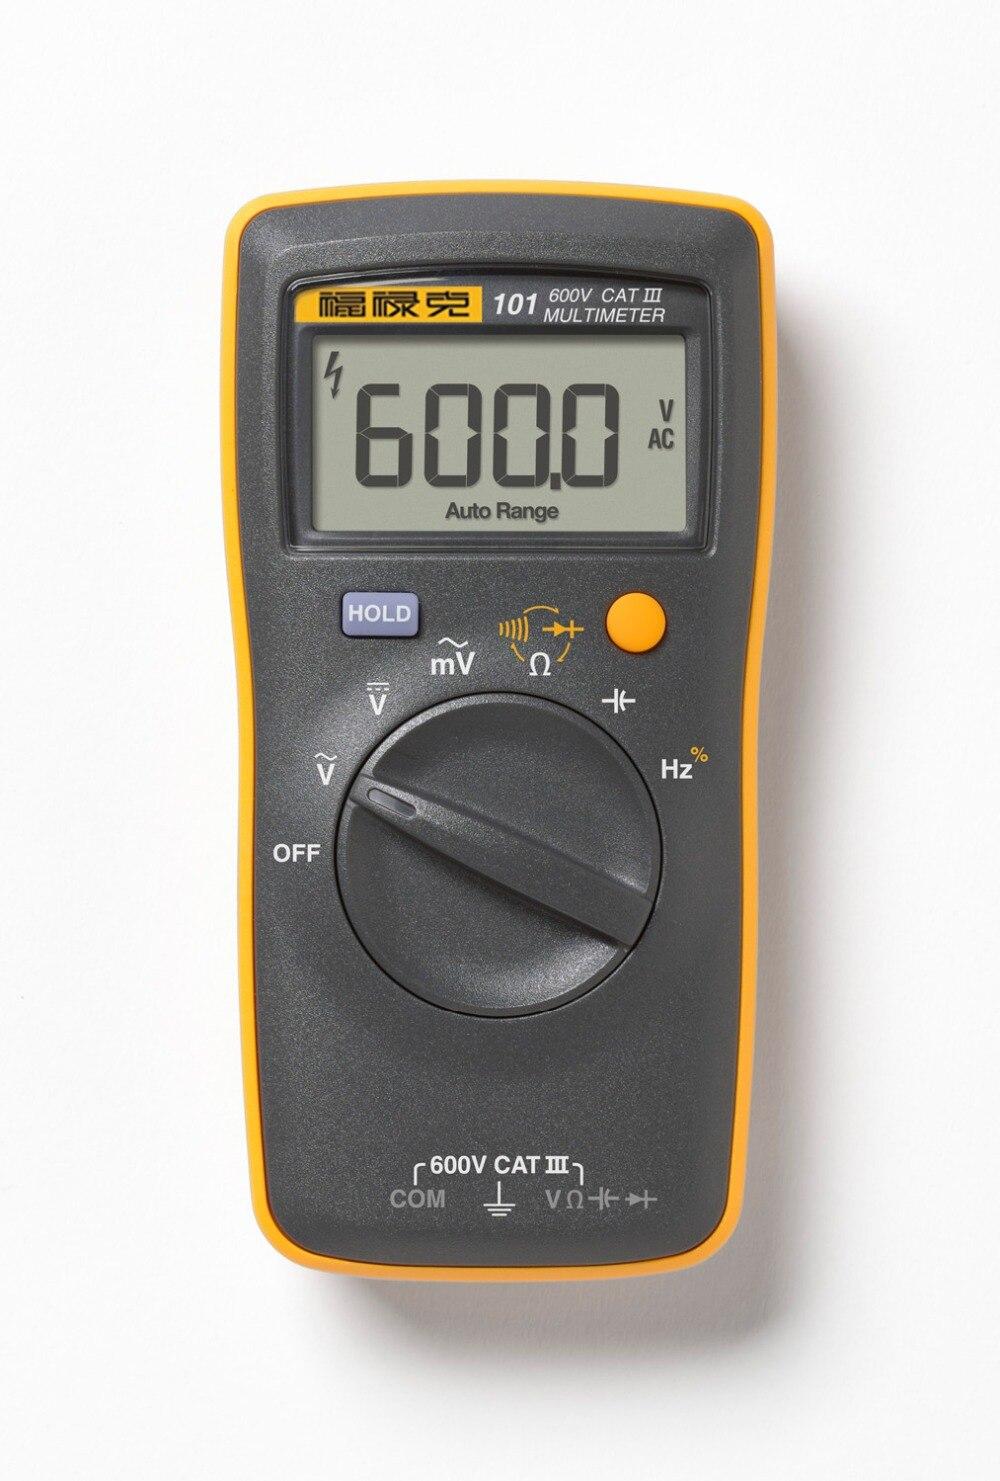 Fluke 101 Palm-sized Básica Bolso Mini auto range Multímetro Digital para AC/DC Tensão Resistência Capacitância